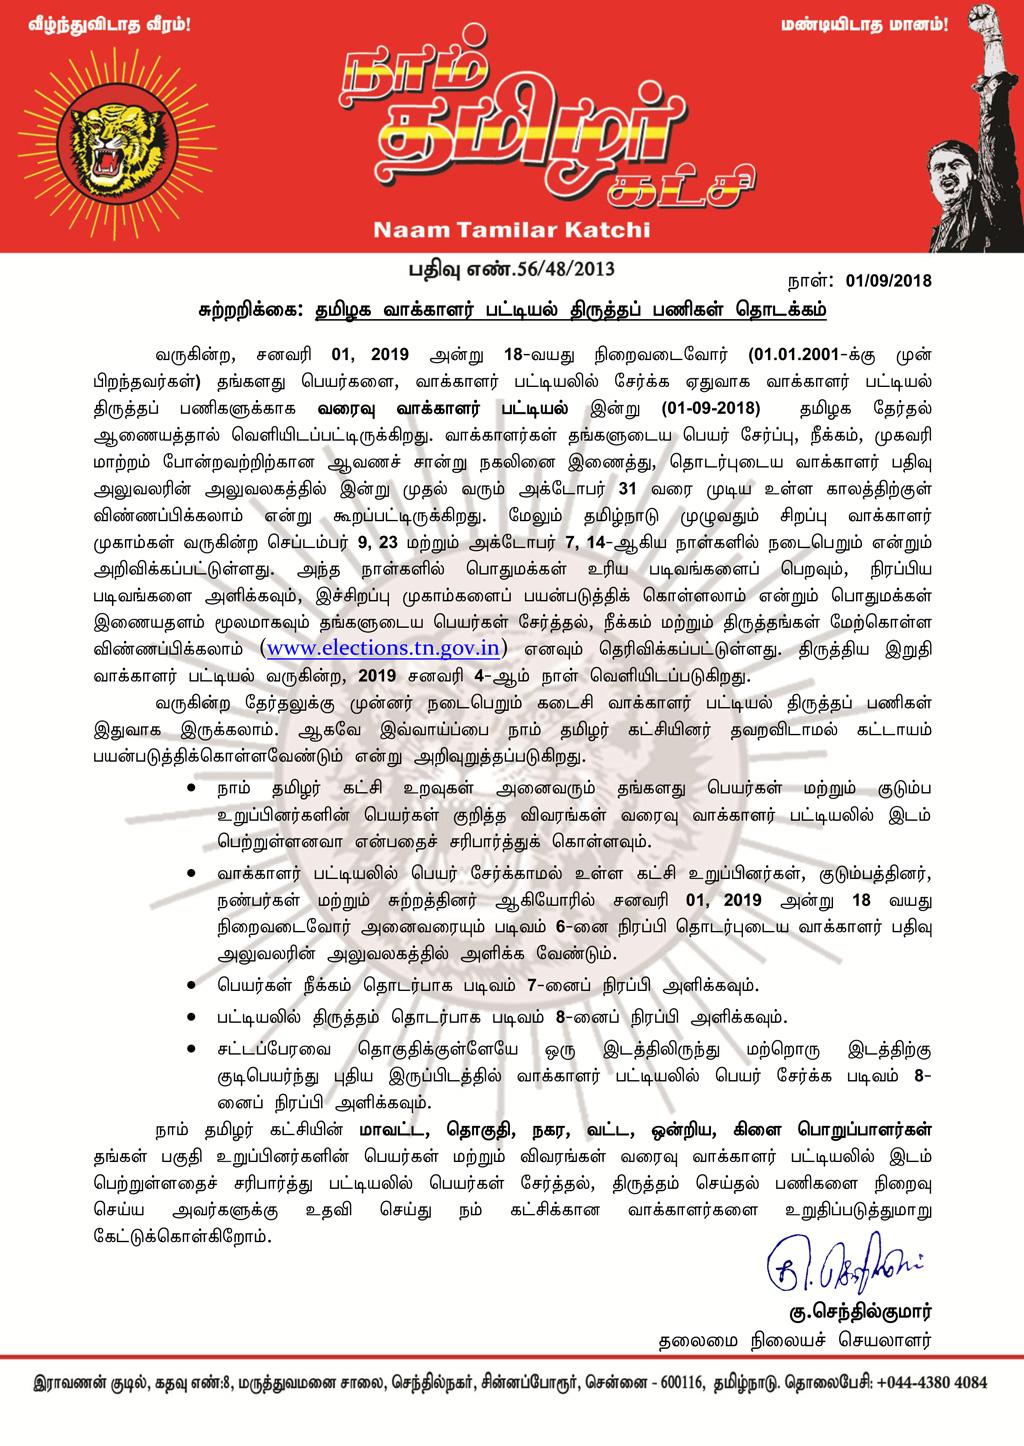 சுற்றறிக்கை: தமிழக வாக்காளர் பட்டியல் திருத்தப் பணிகள் தொடக்கம்